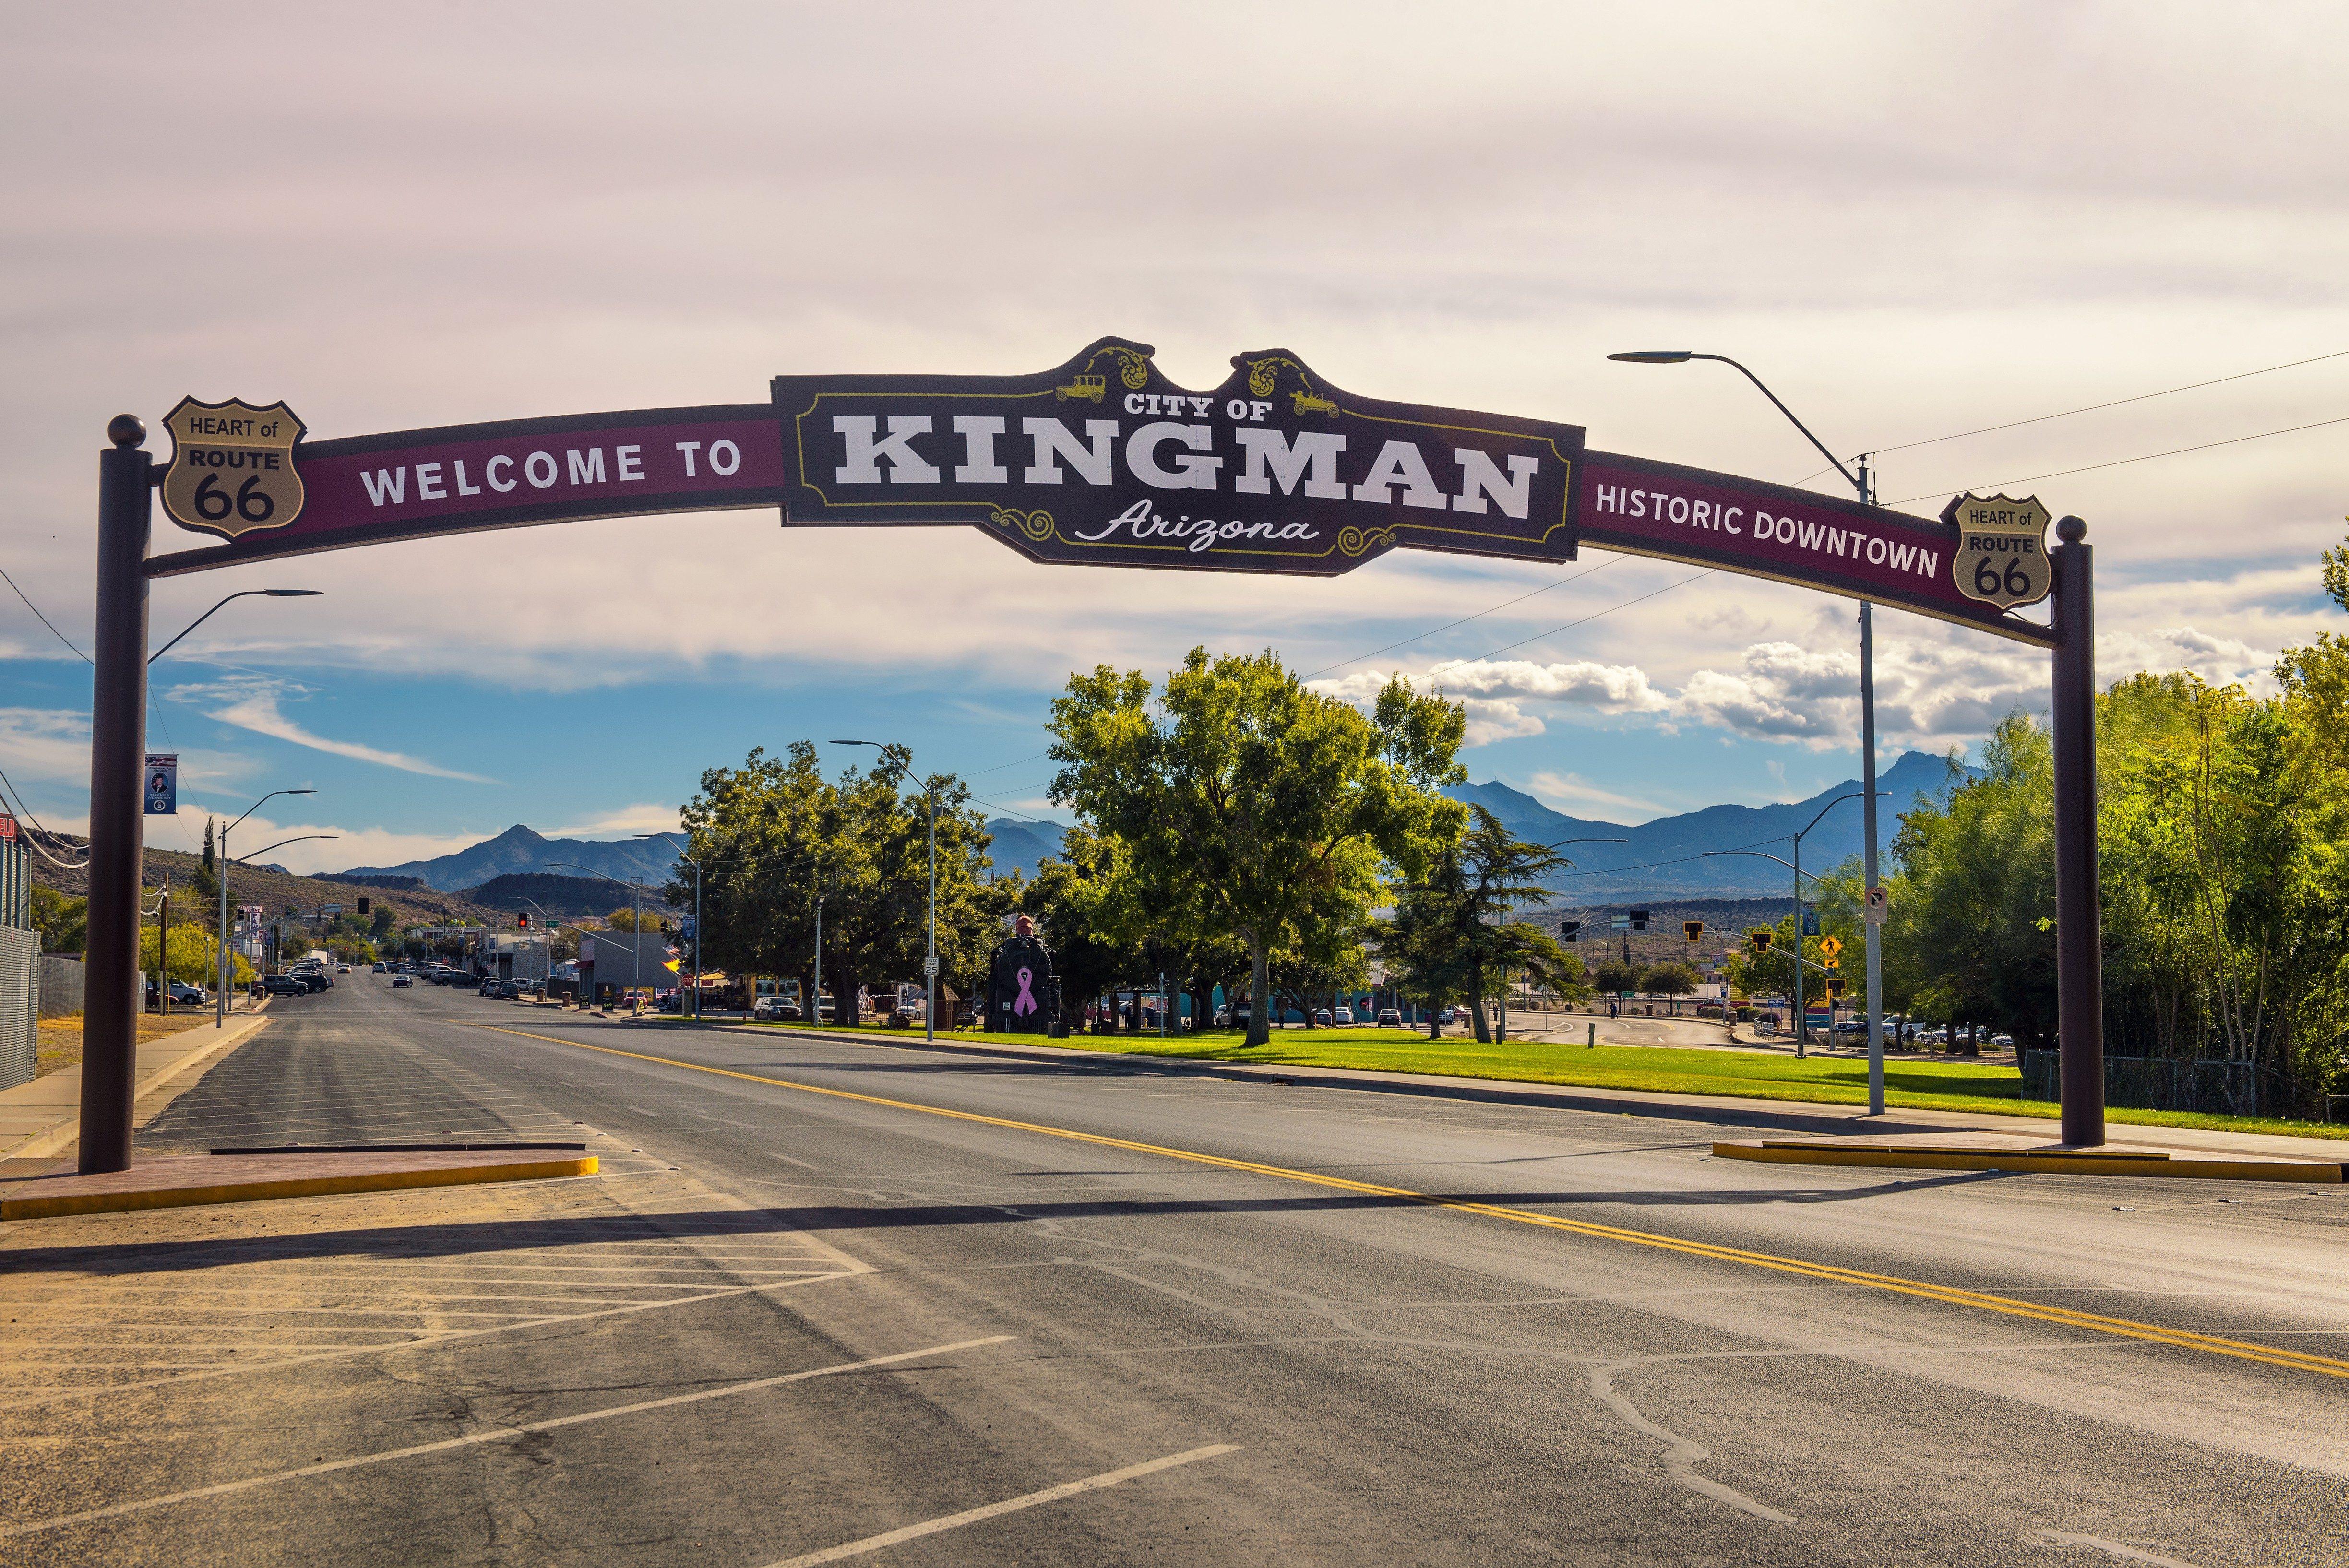 Ups kingman arizona